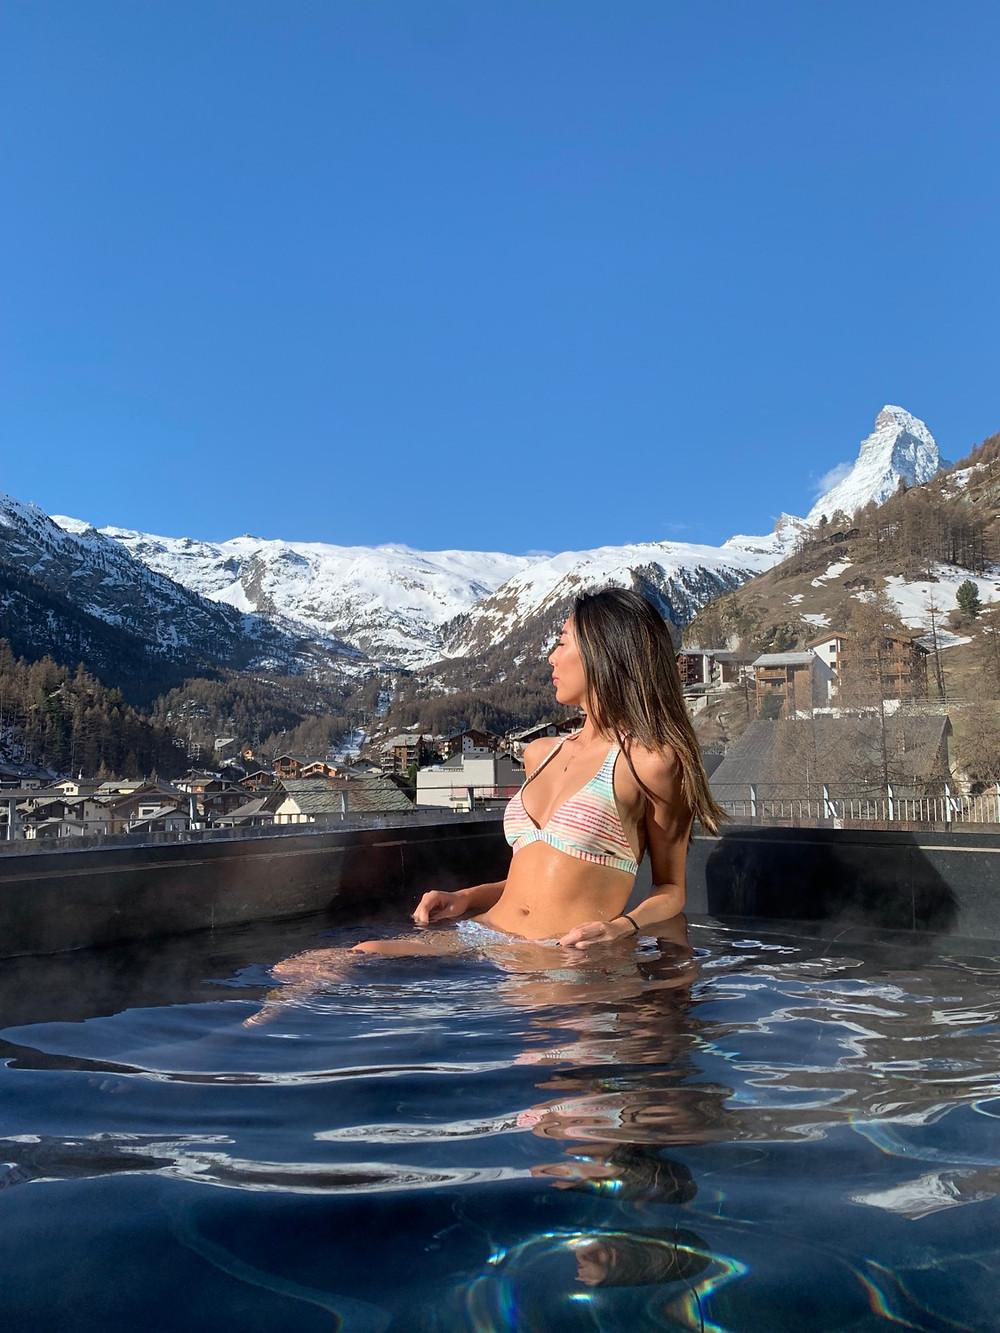 The Omnia Jacuzzi Zermatt